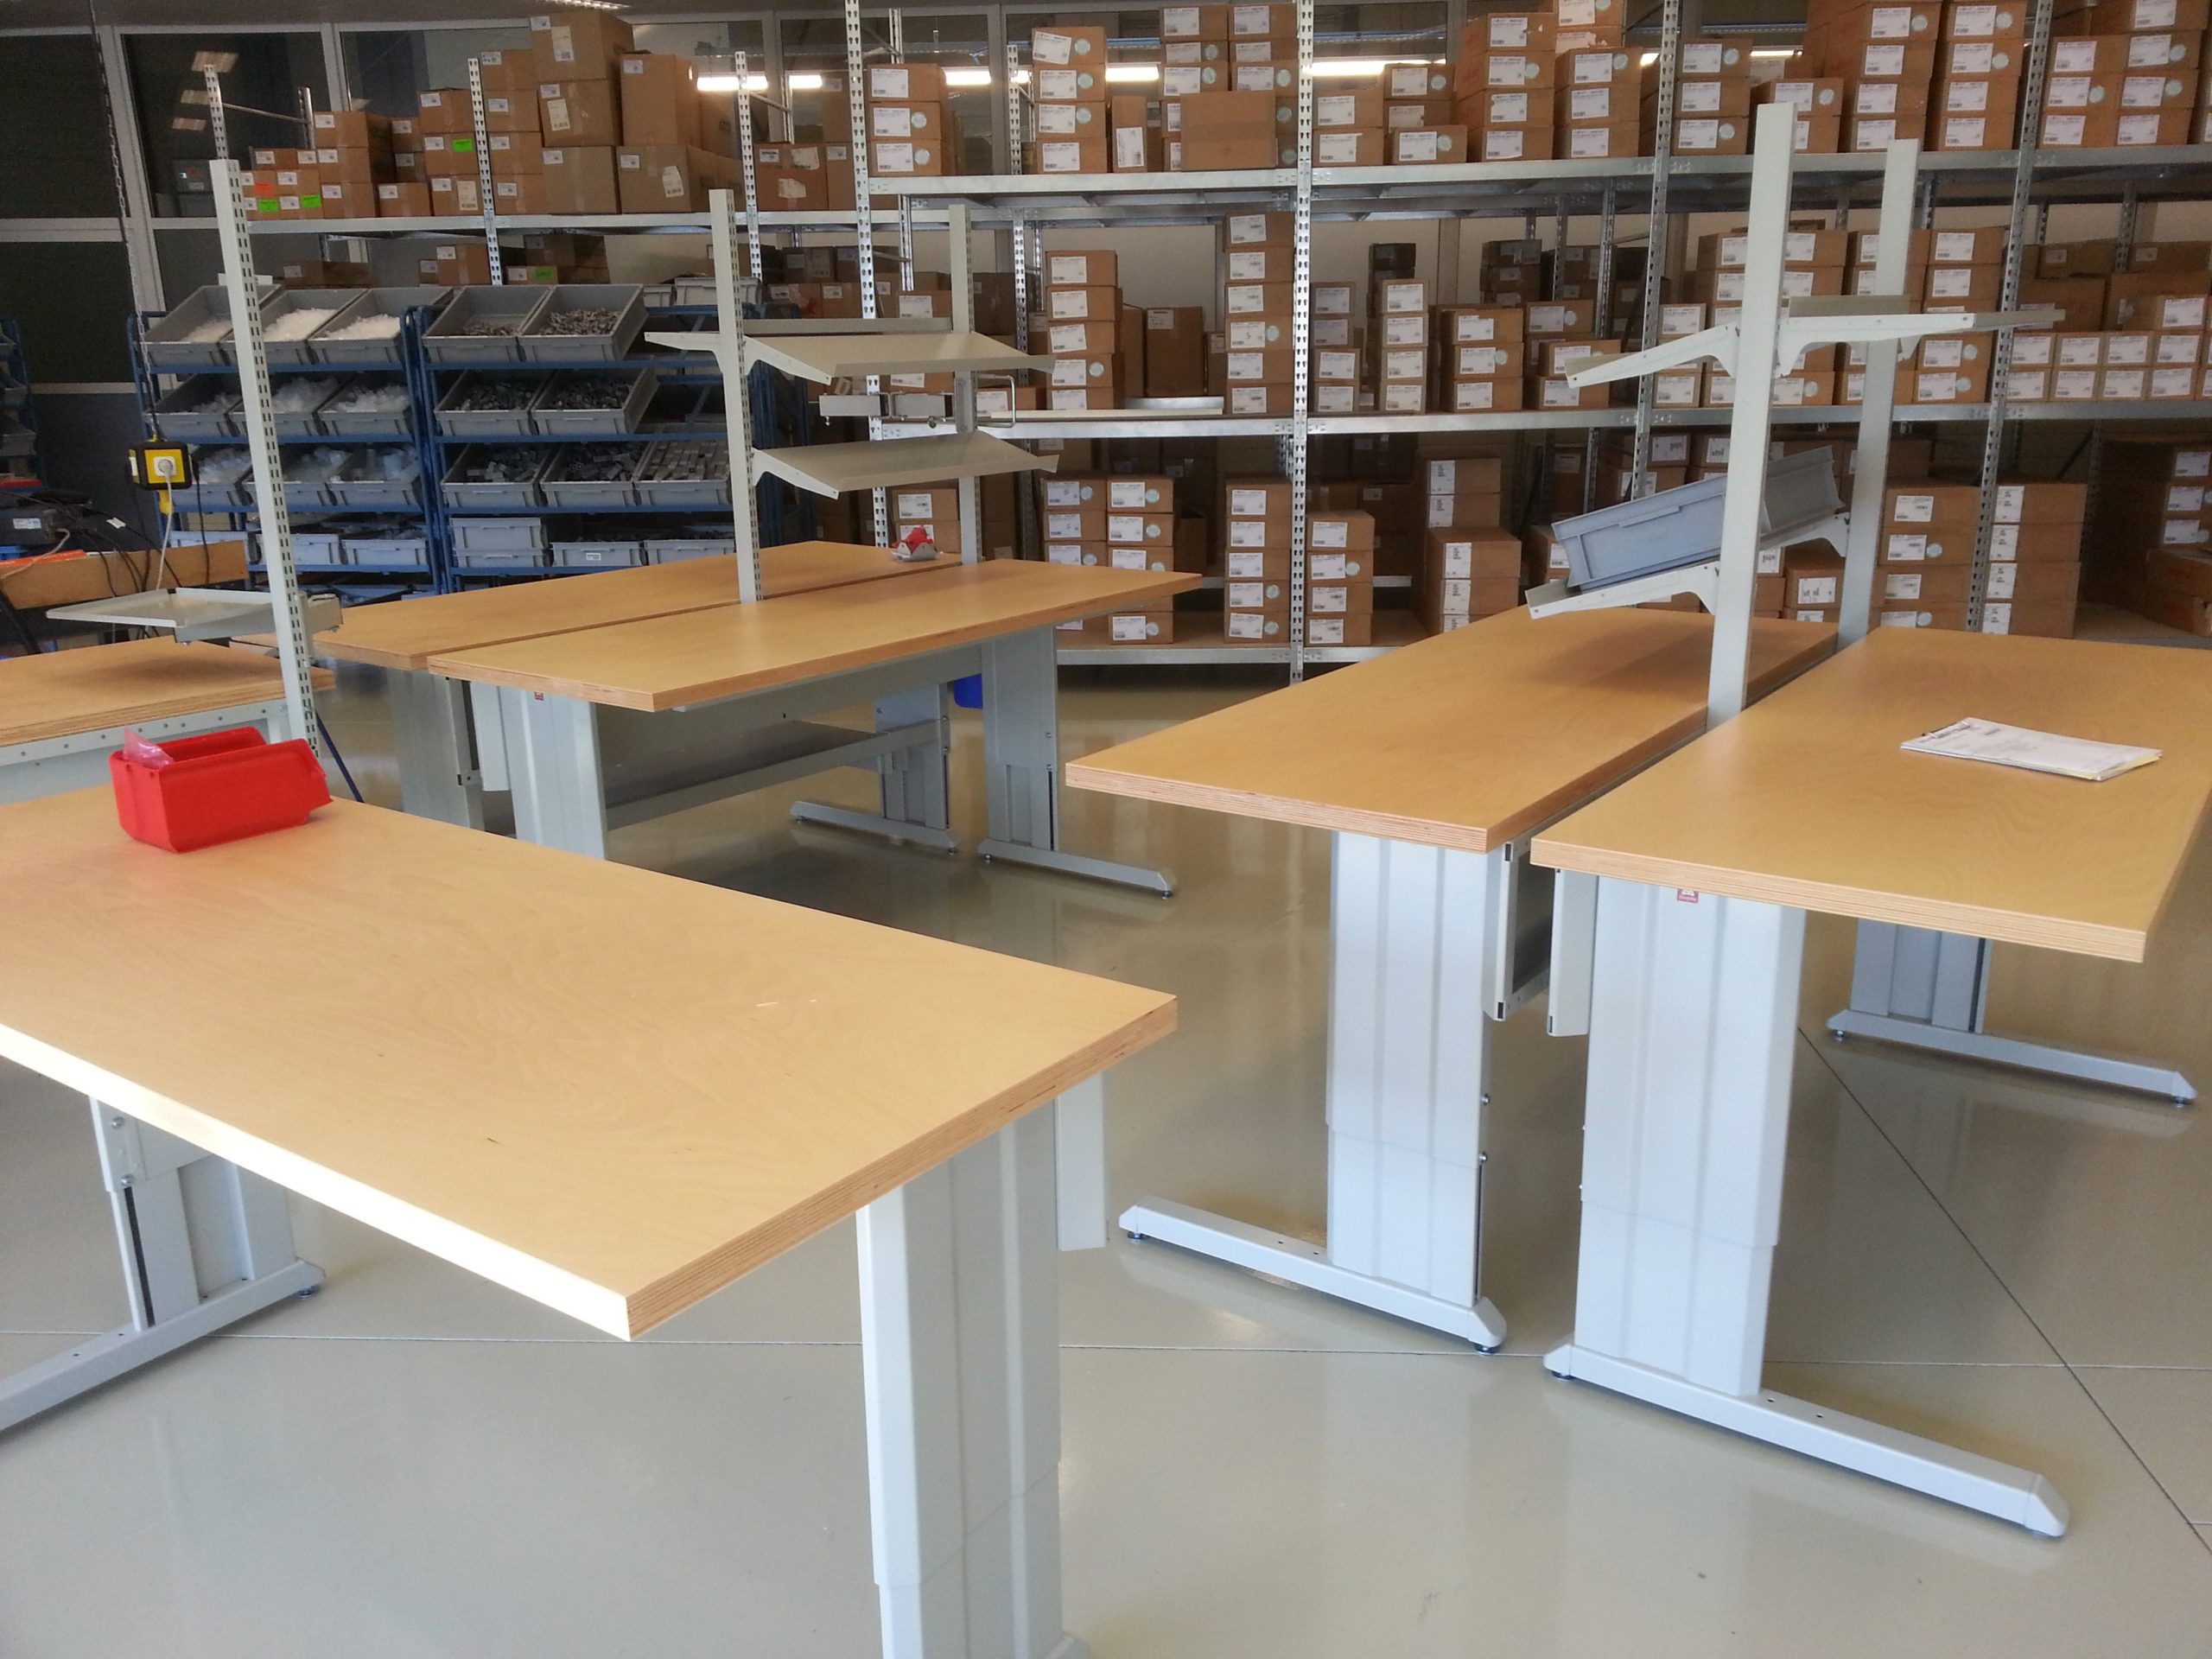 Technische groothandel kiest wederom voor Workshop inpaktafels